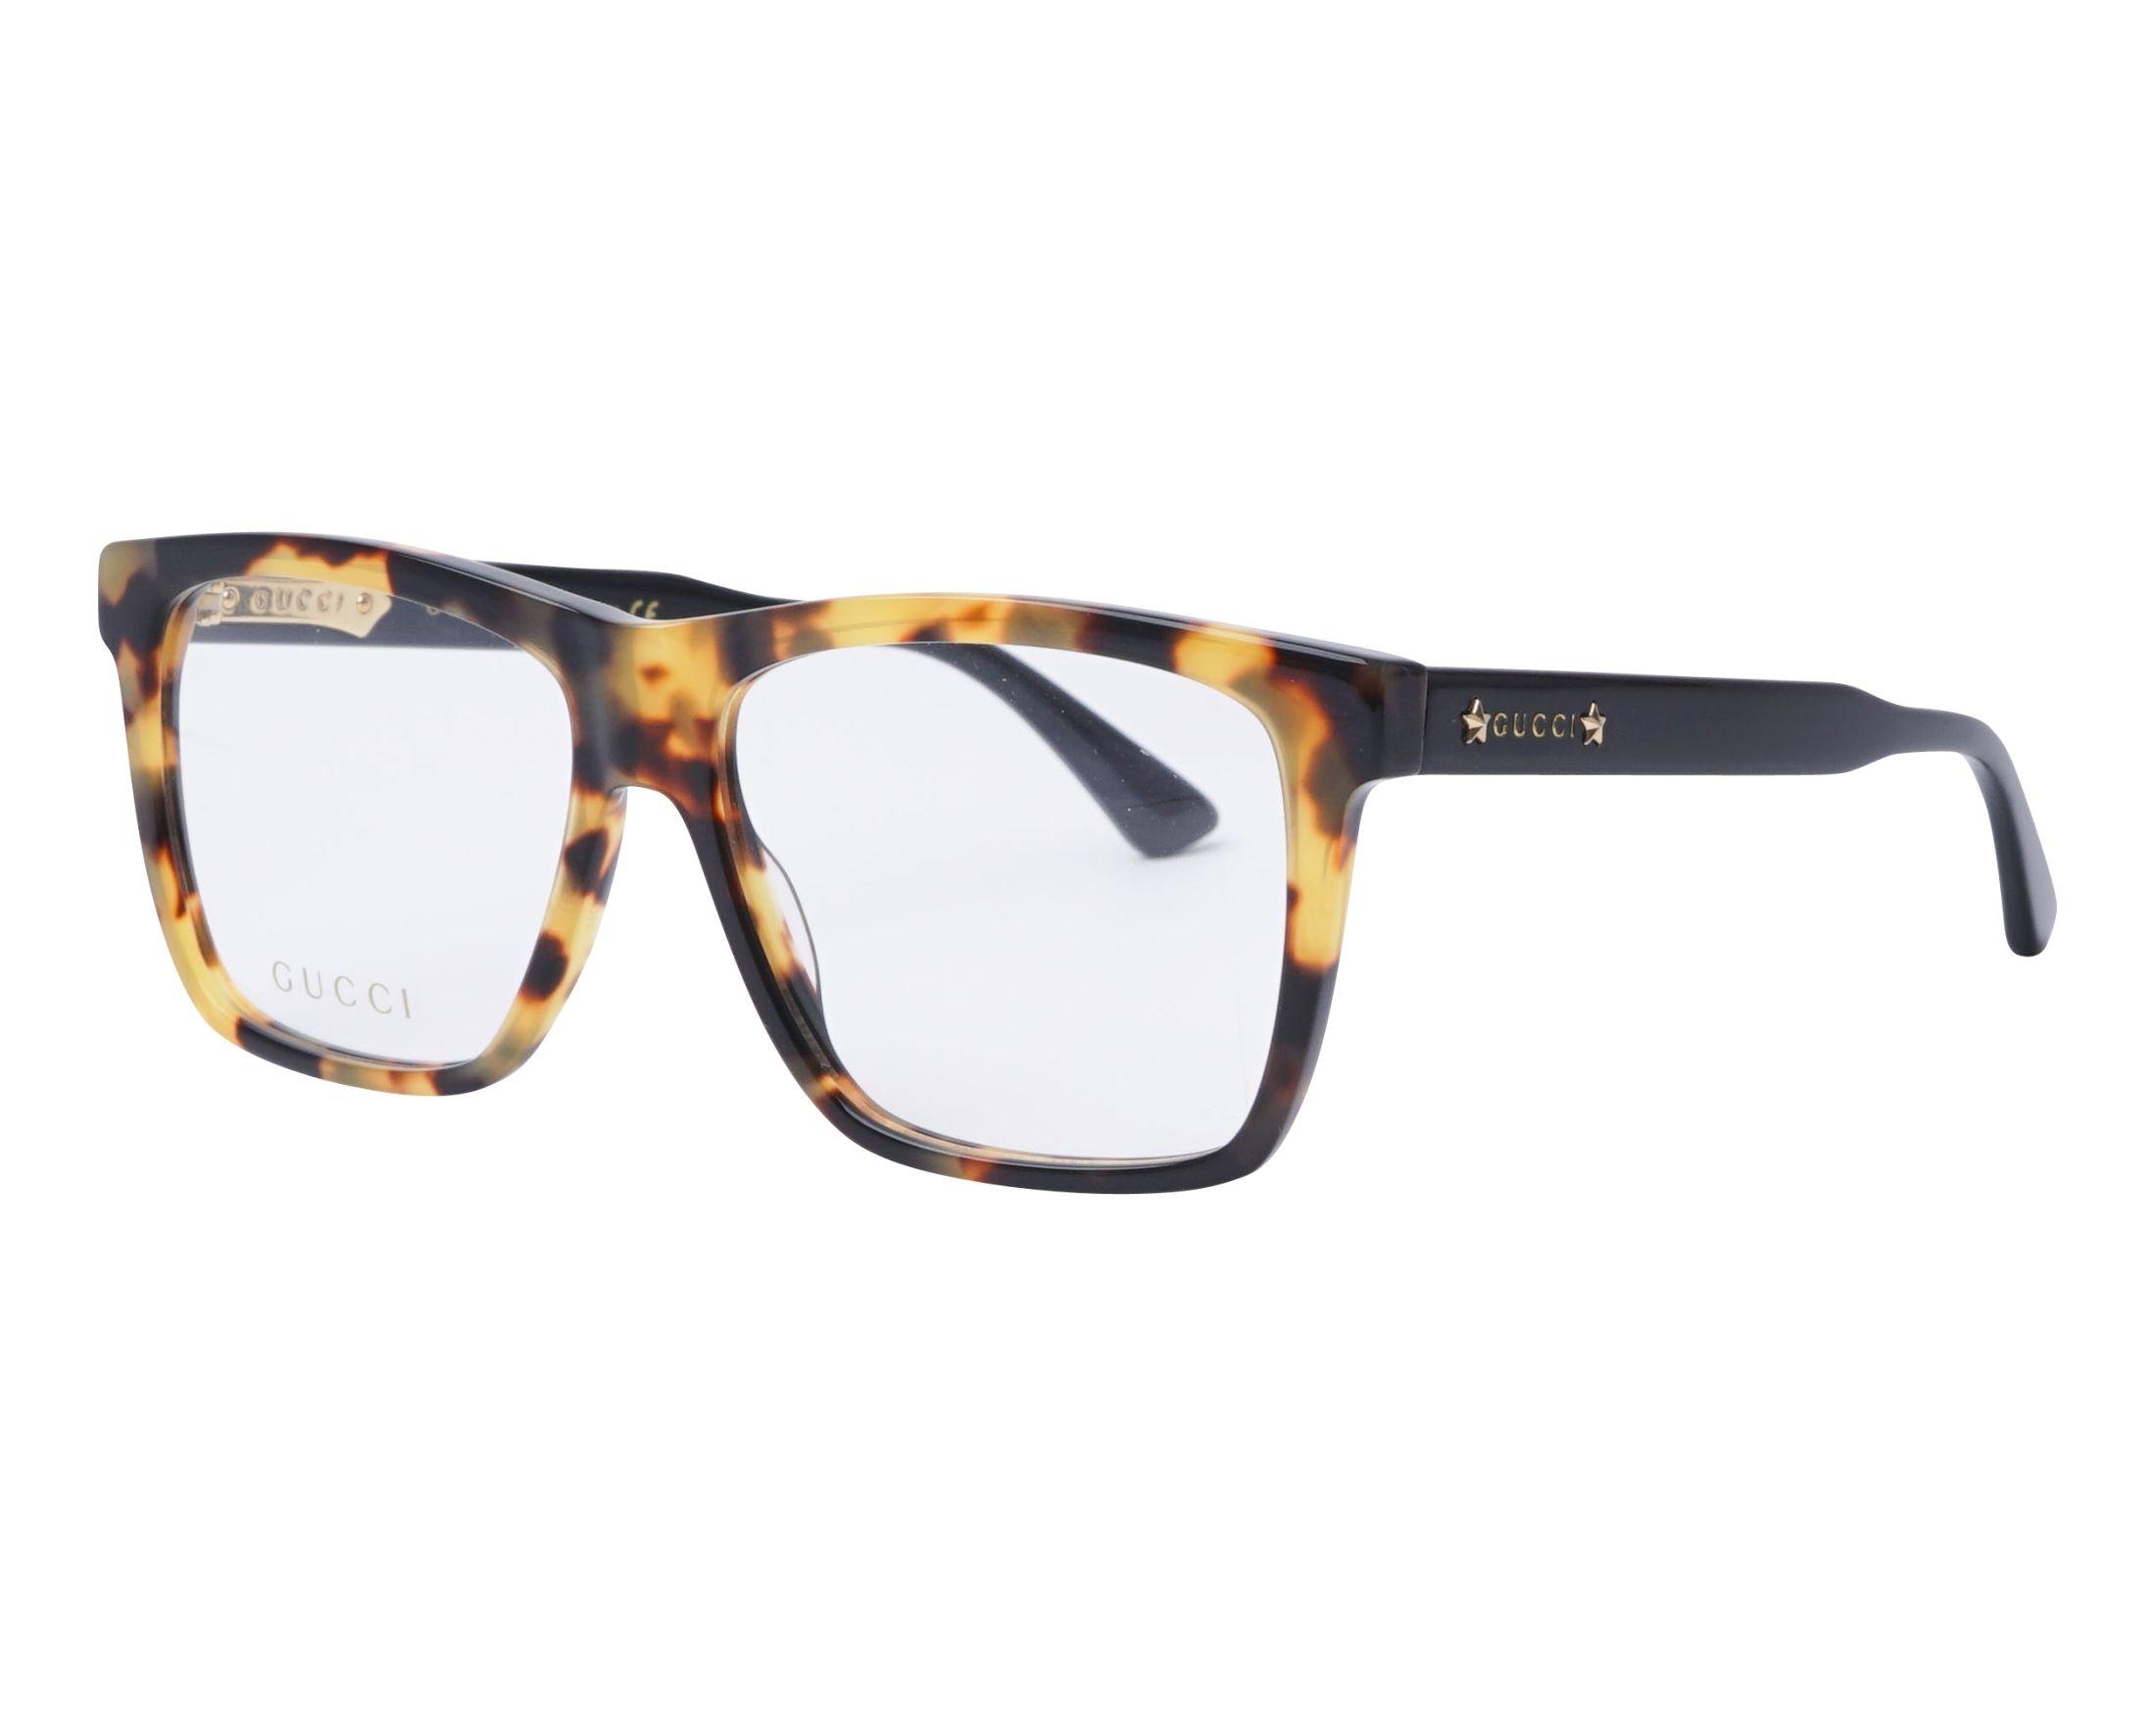 a23fd7e5dc4 eyeglasses Gucci GG-0268-O 004 55-14 Brown Black profile view